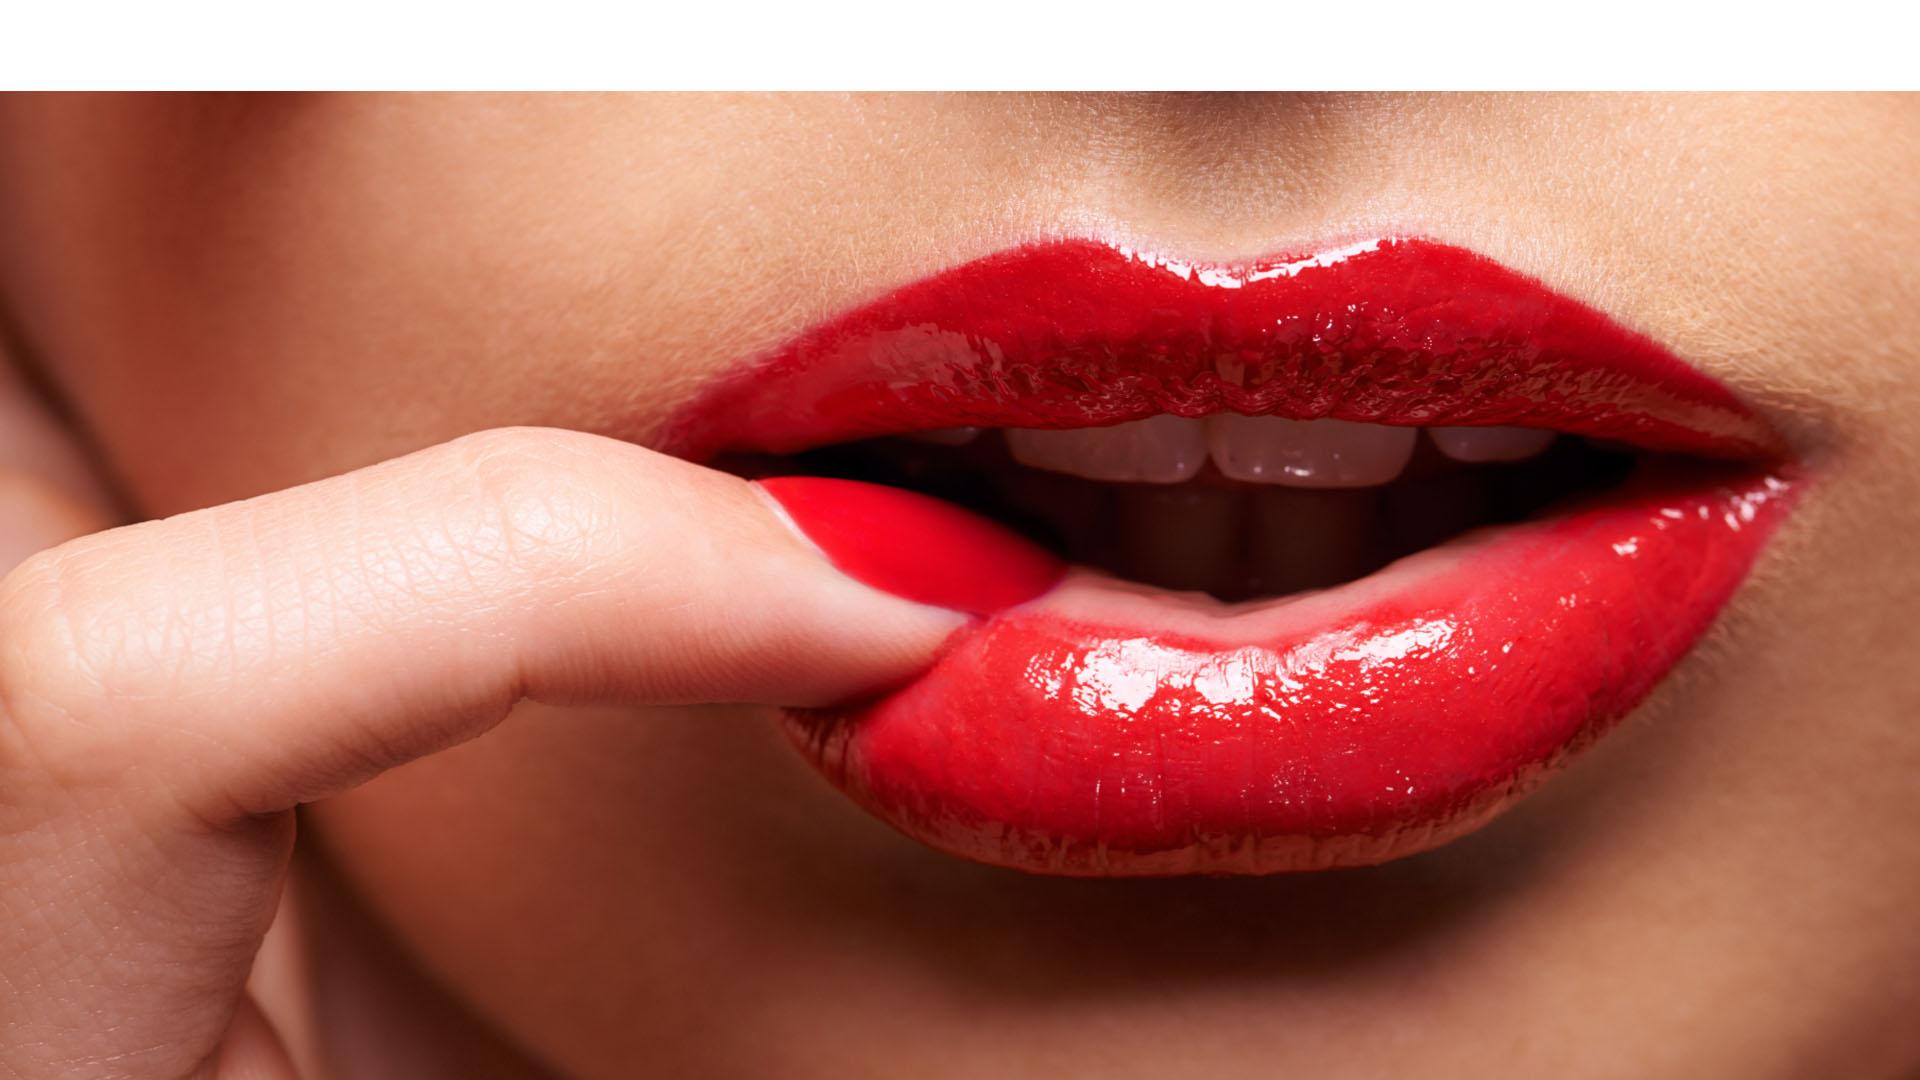 Consejos básicos que debes conocer para que tu boca luzca como la de toda una celebridad de Hollywood